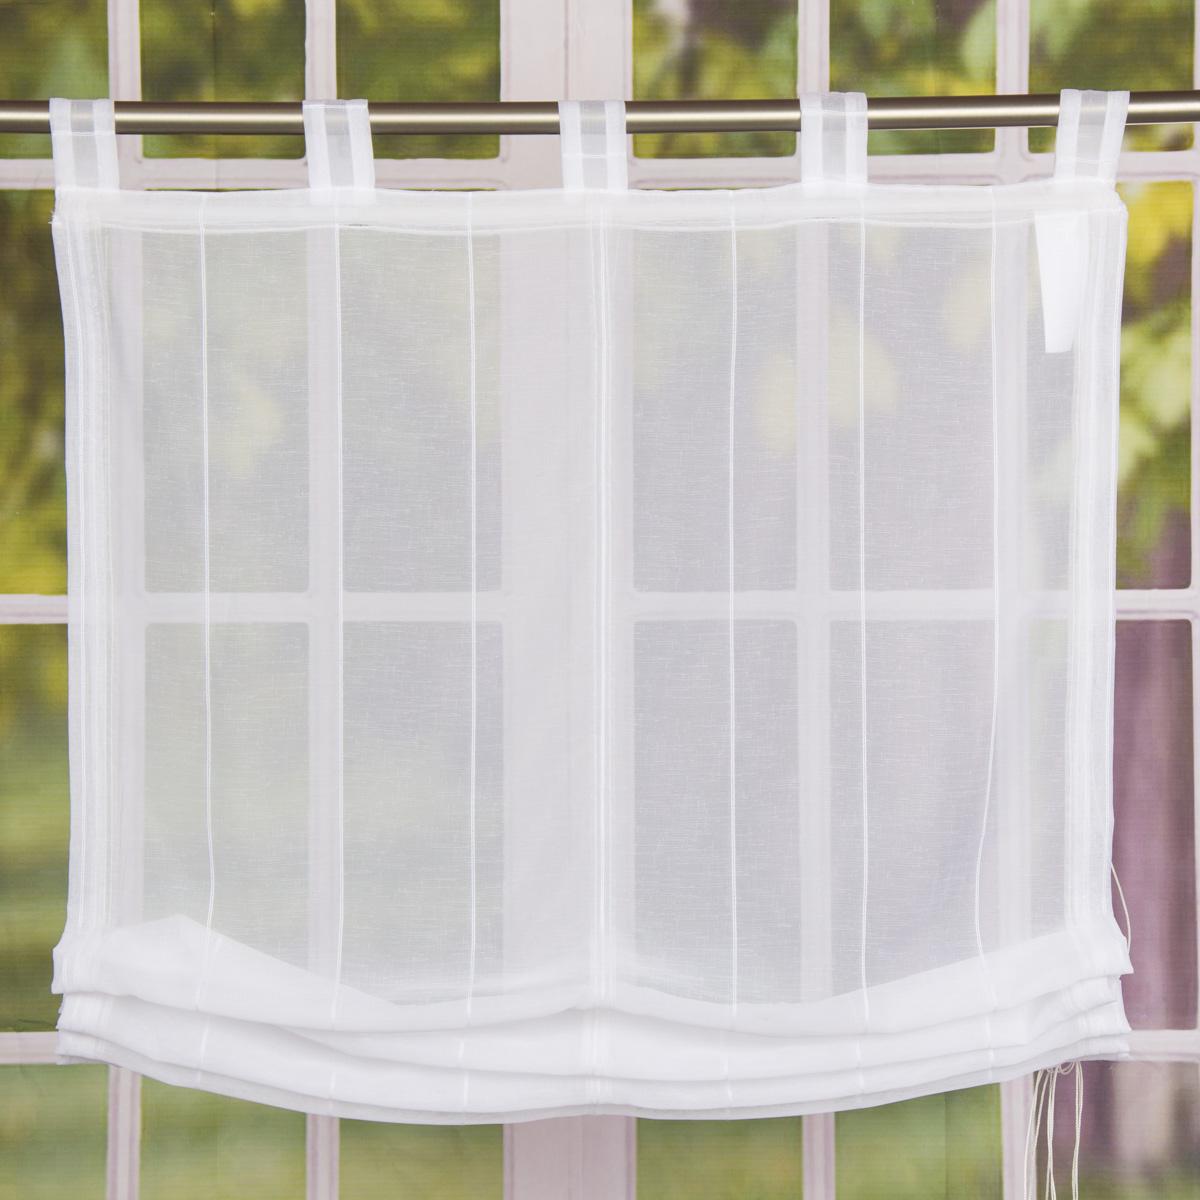 Raffrollo Rollo Schlaufen weiß transparent mit Streifen 140x140cm ...